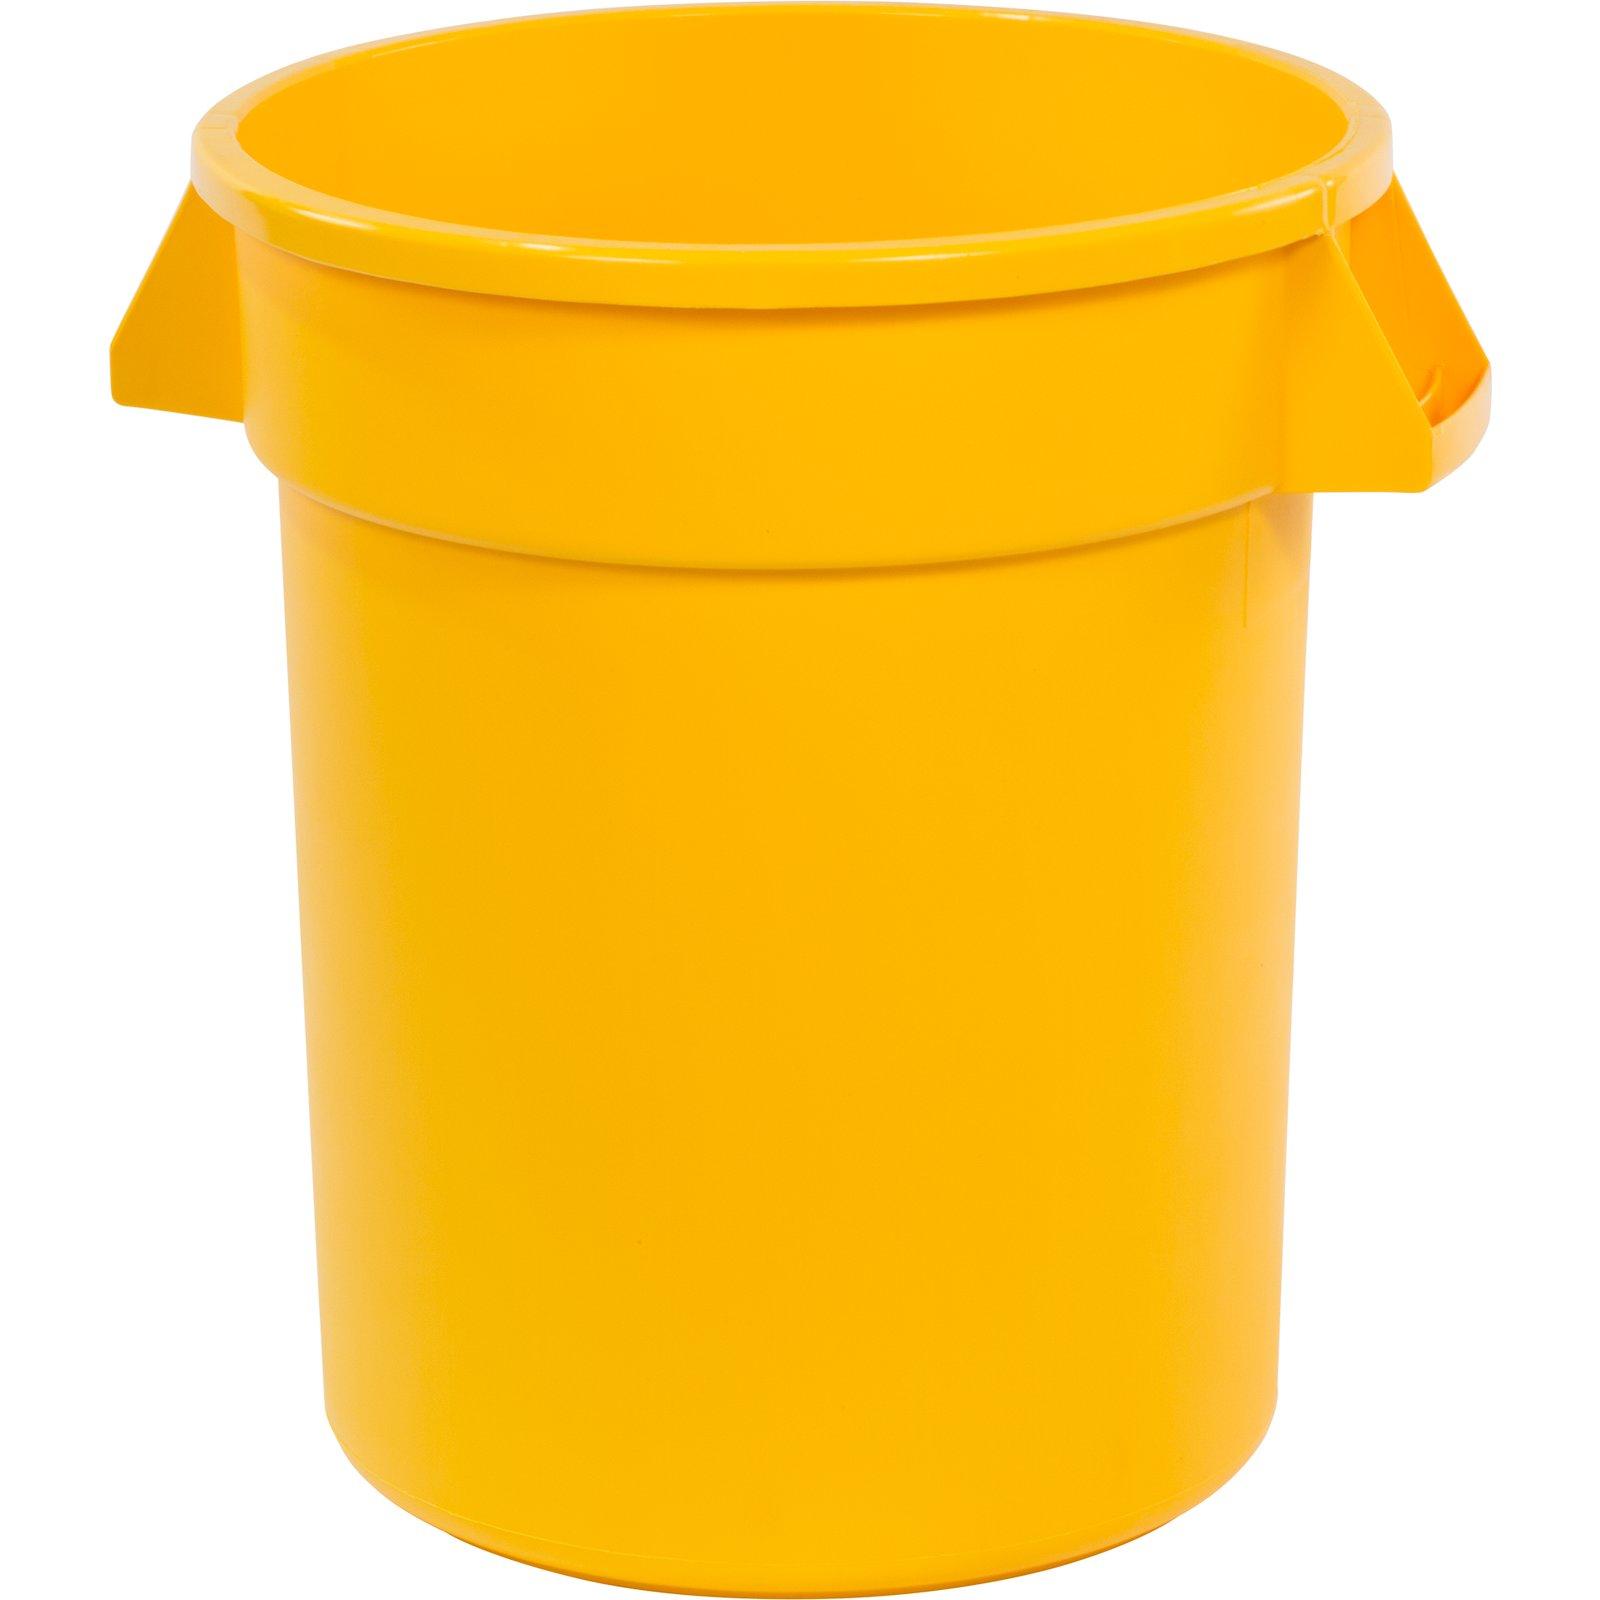 34102004 - Bronco™ Round Waste Bin Trash Container 20